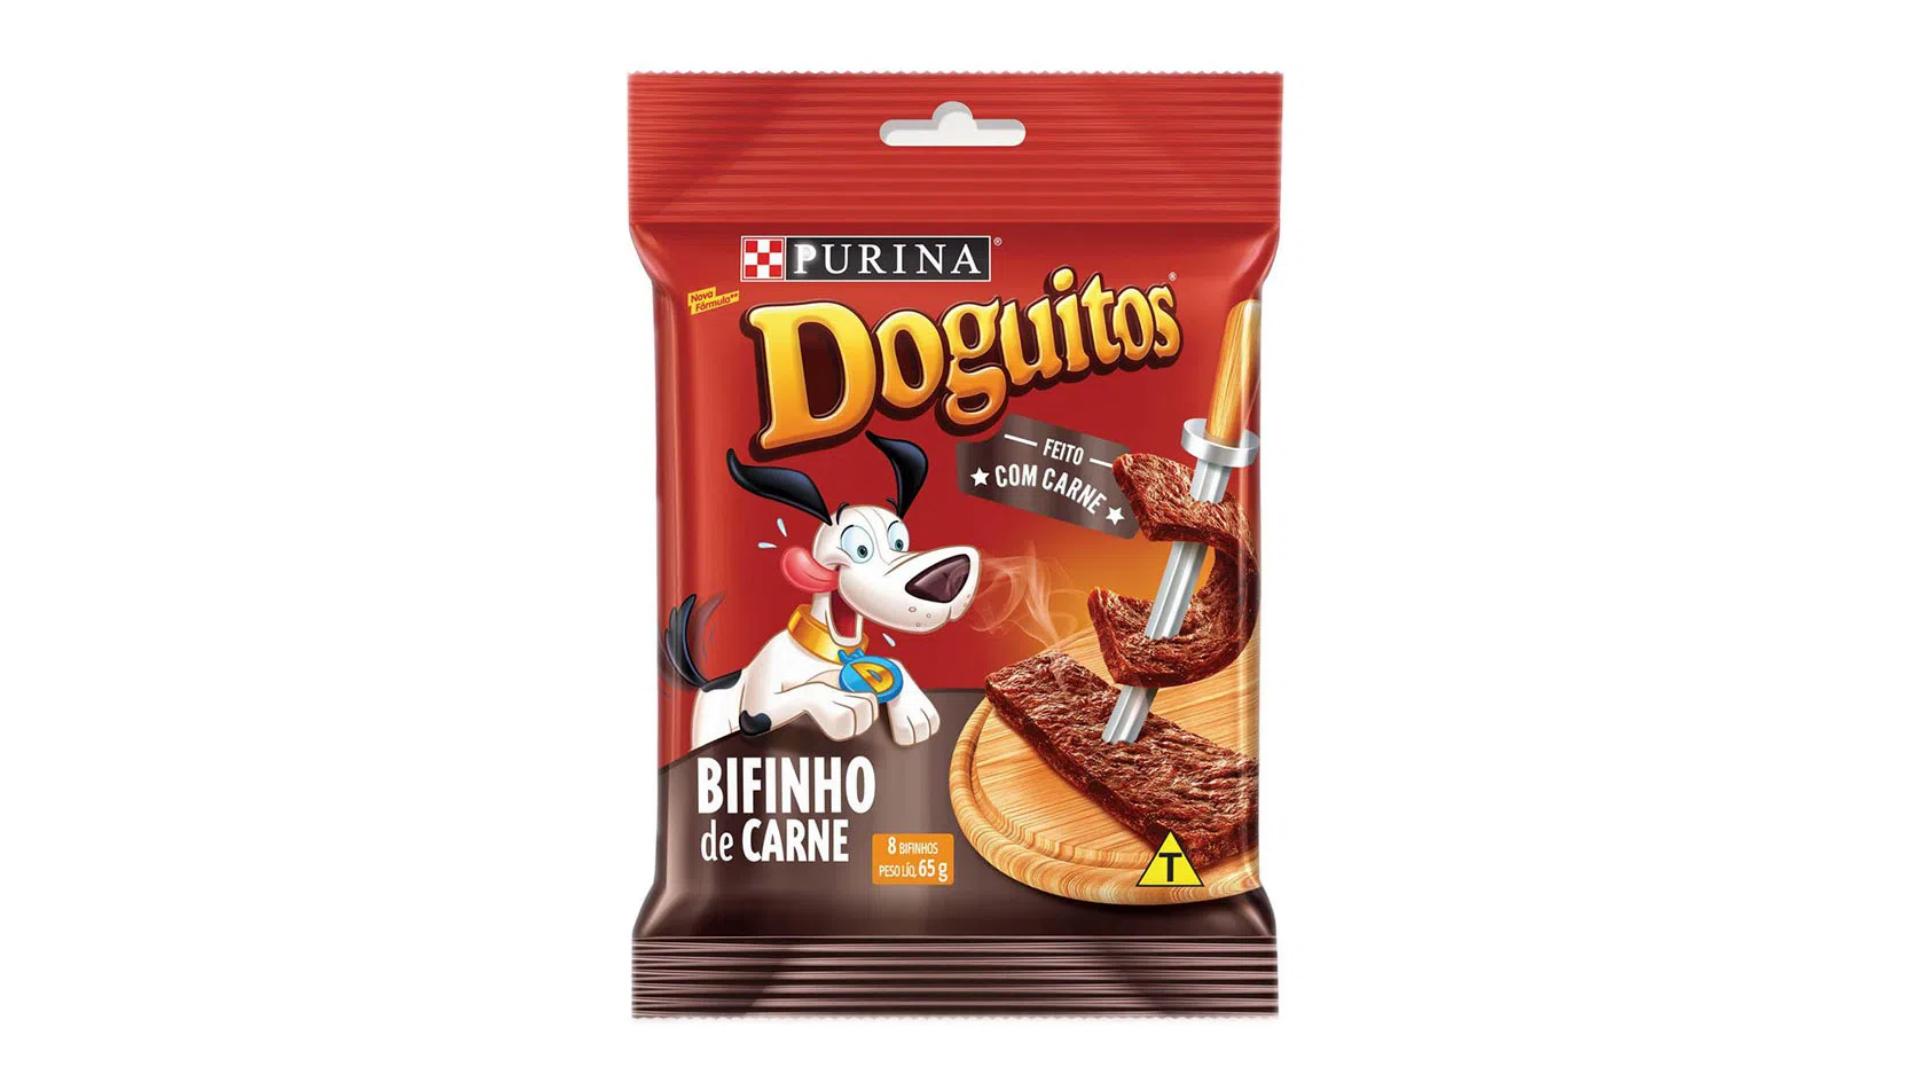 O petisco Purina Doguitos é indicado para todas as idades e portes de cachorro (Imagem: Divulgação/Purina)